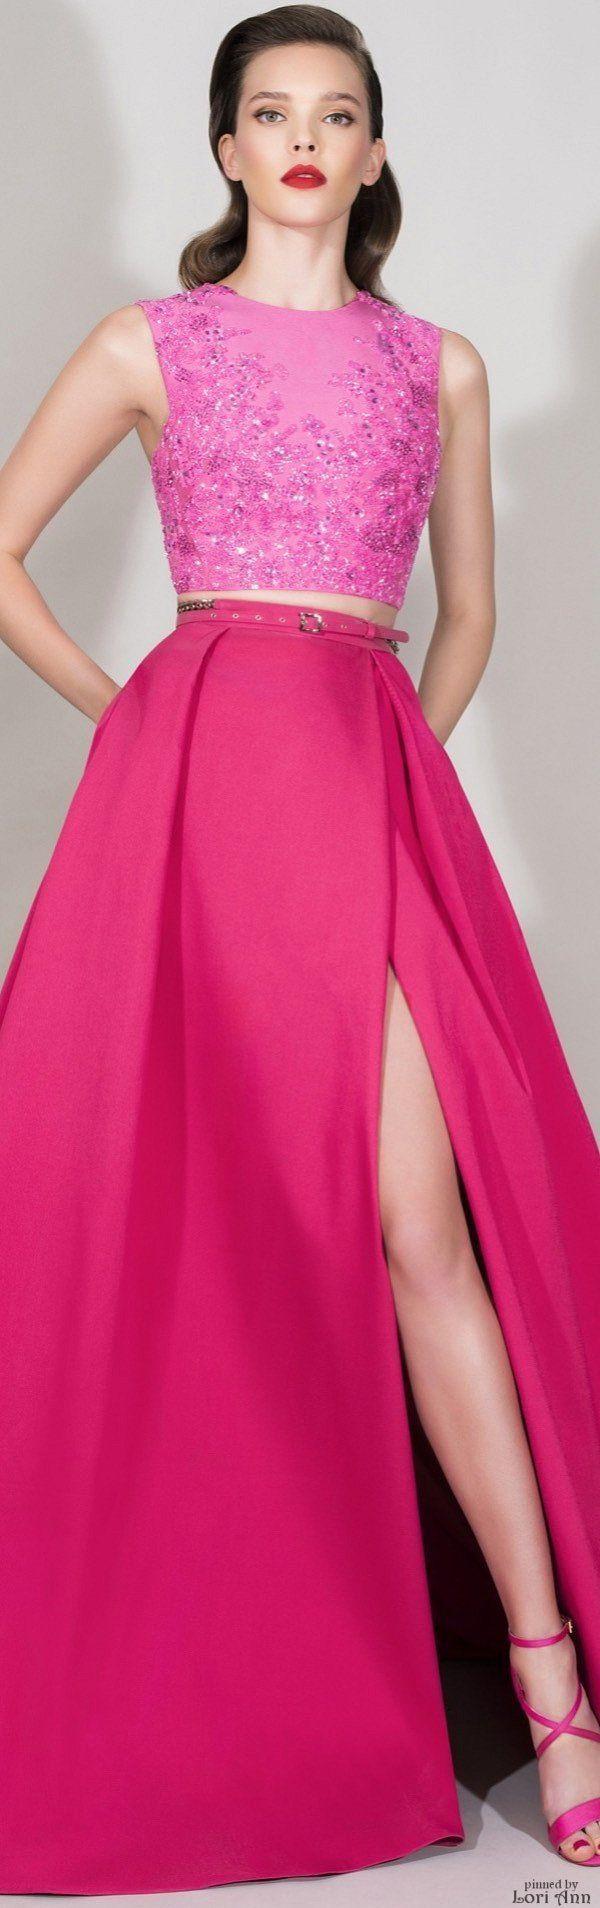 Mejores 191 imágenes de Fashion - Zuhair Murad en Pinterest | Alta ...